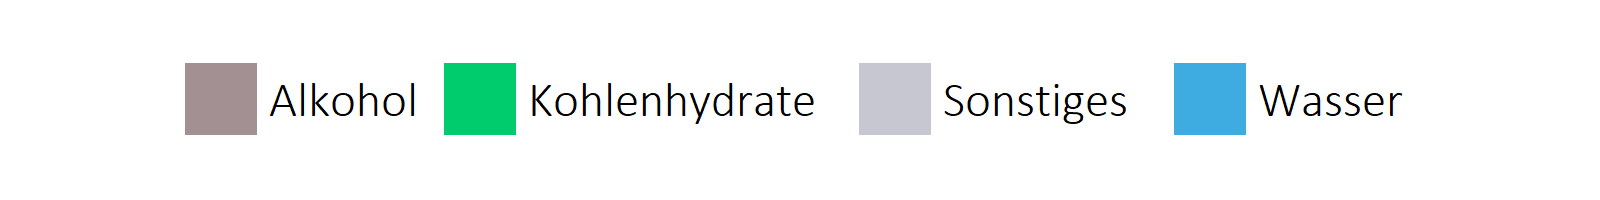 alkoholhaltige Getränke Inhaltsstoffe horizontale Legende